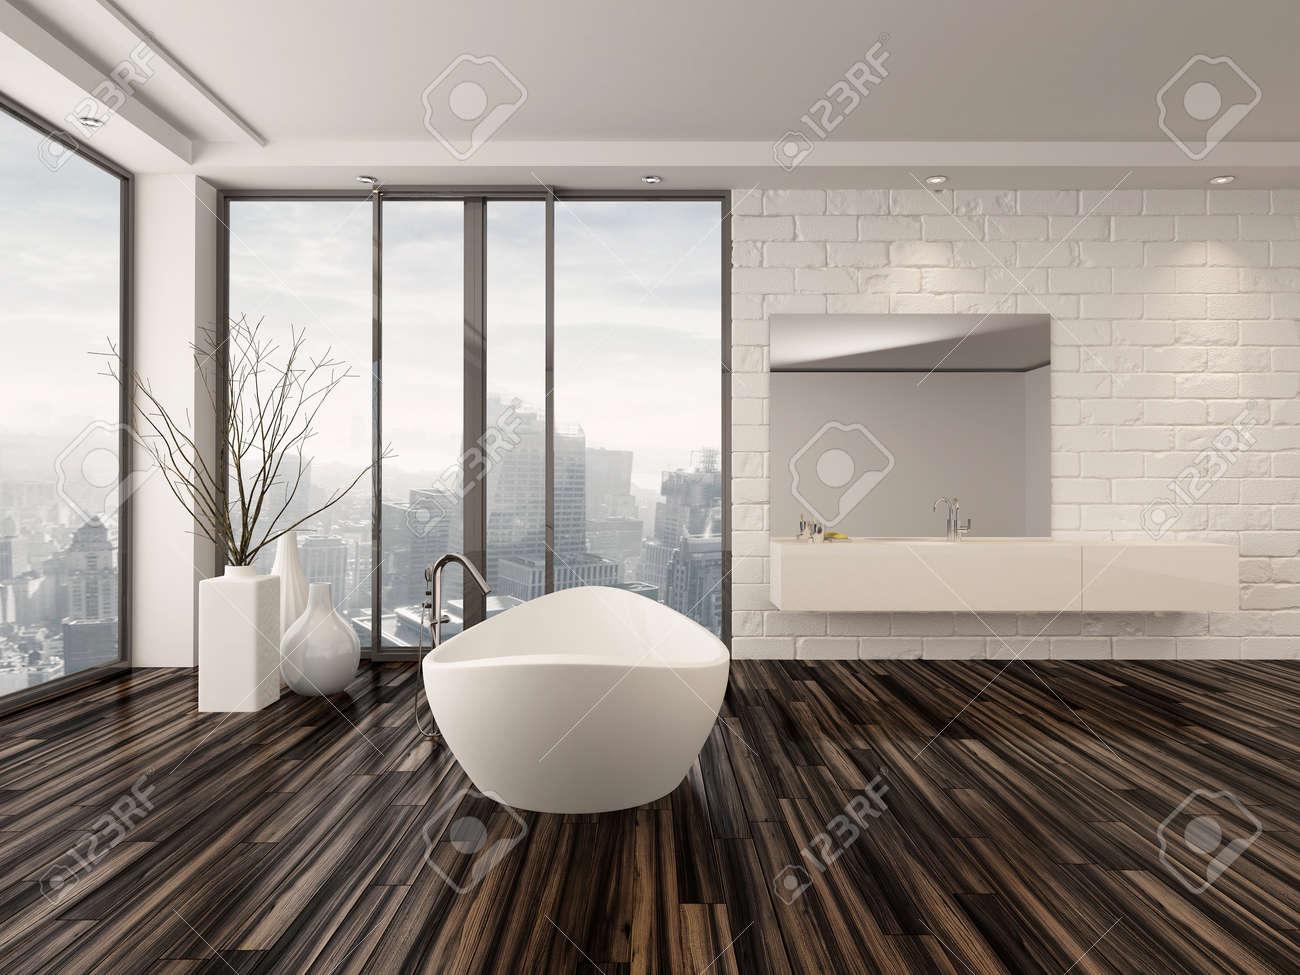 Moderne Weiße Minimalistischen Badezimmer Interieur Mit Einer Freistehenden  Badewanne Und Wandeinbaunische Mit Wrap Around